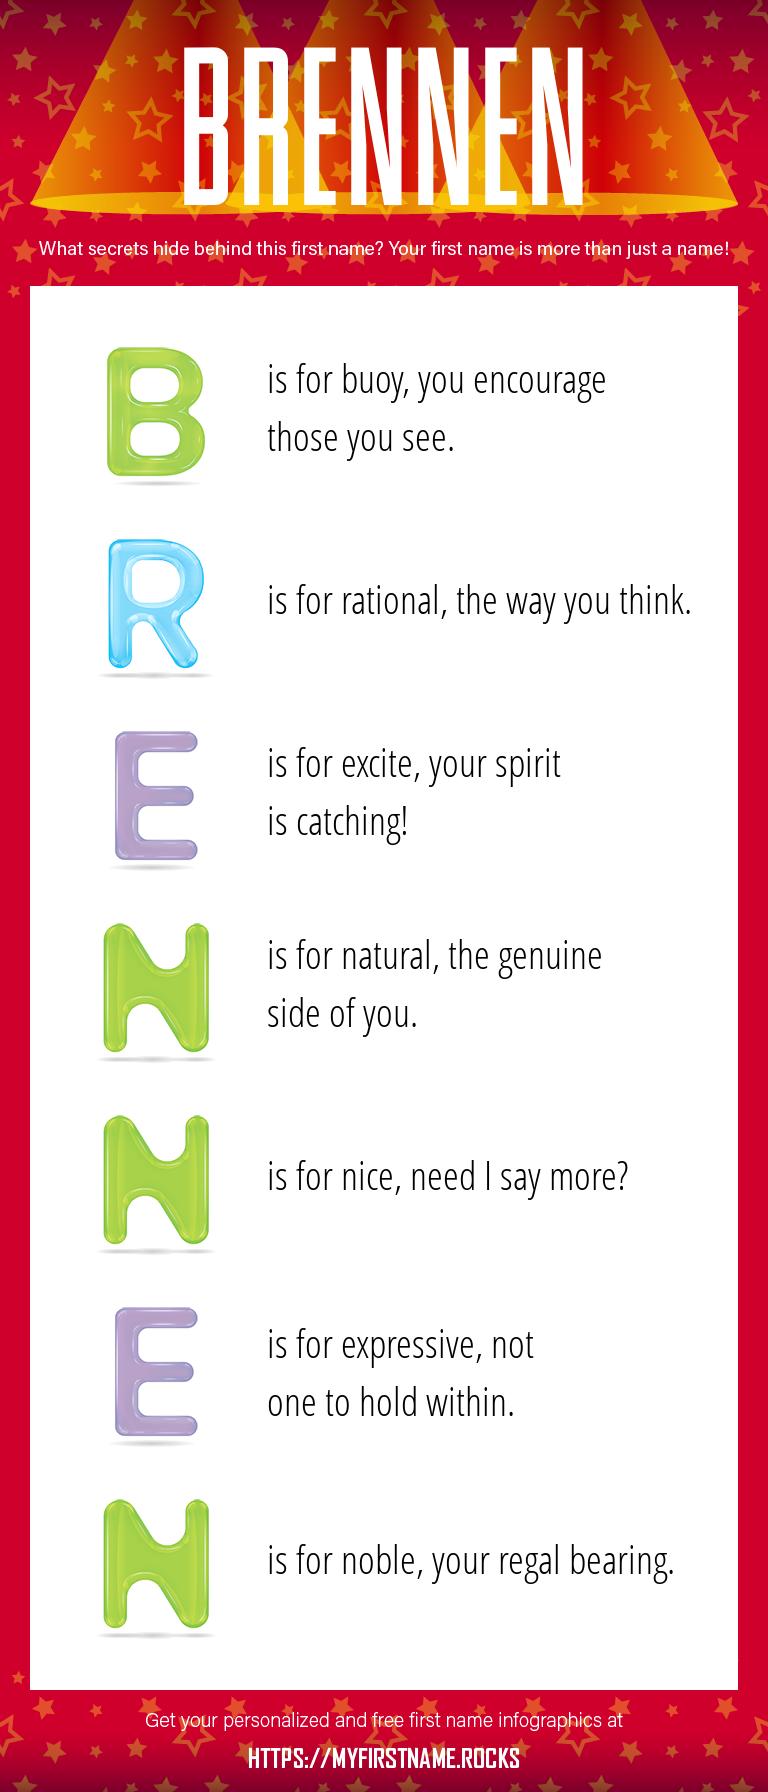 Brennen Infographics